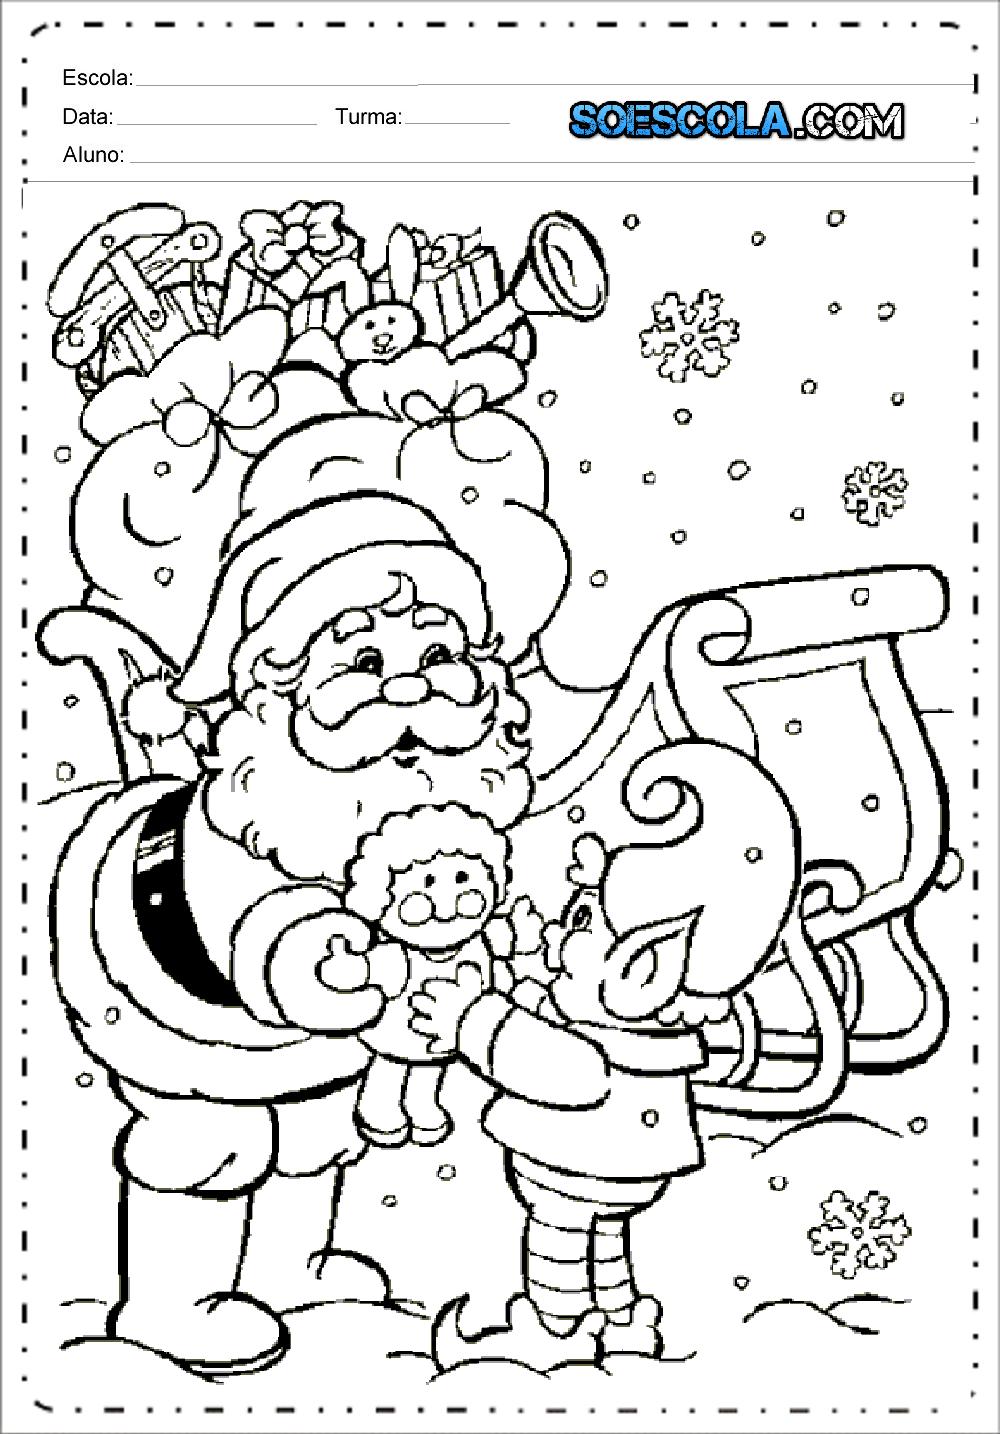 Desenhos De Papai Noel Para Colorir Imprimir So Escola